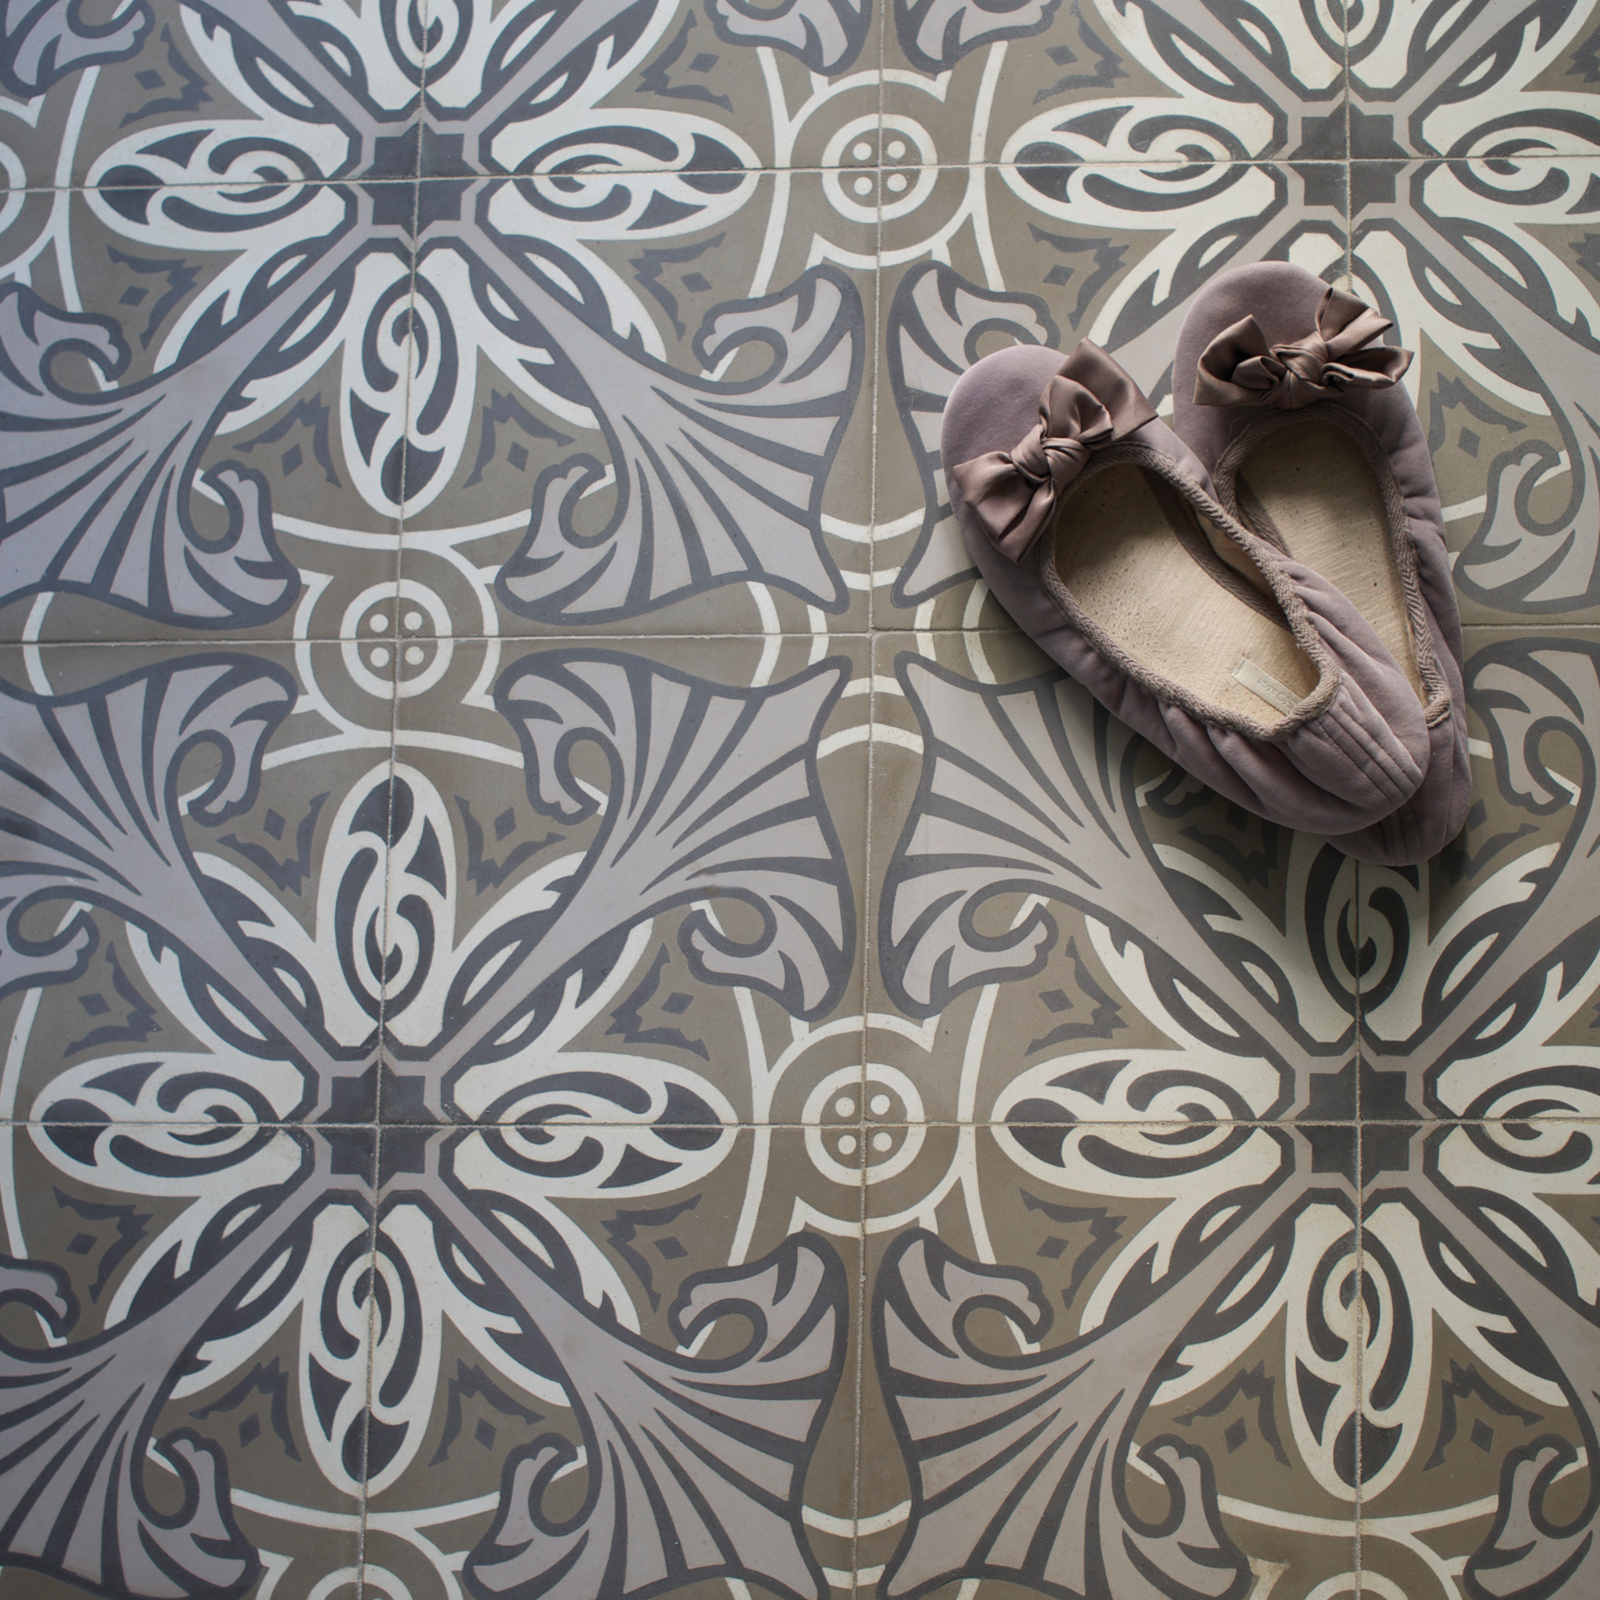 VIA Zementmosaikplatten-nr.51143-wohnraum-viaplatten | 51143